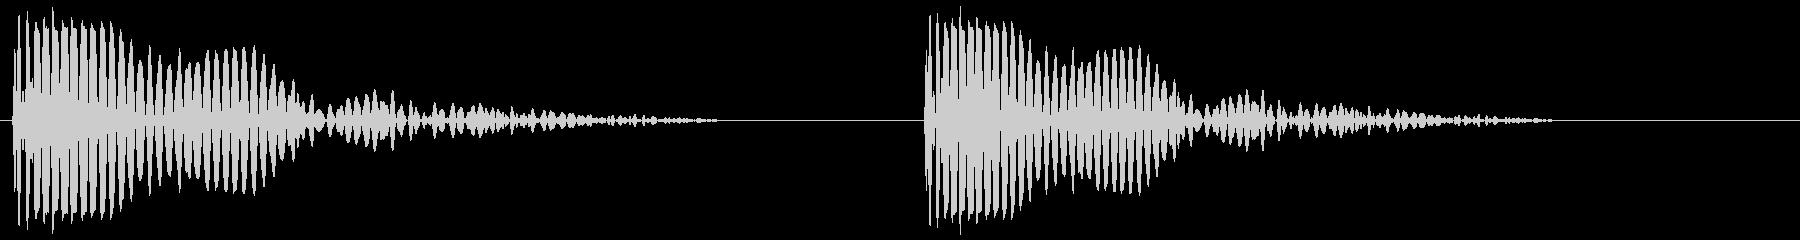 カコン(ボタン音・プッシュ音・決定音)の未再生の波形